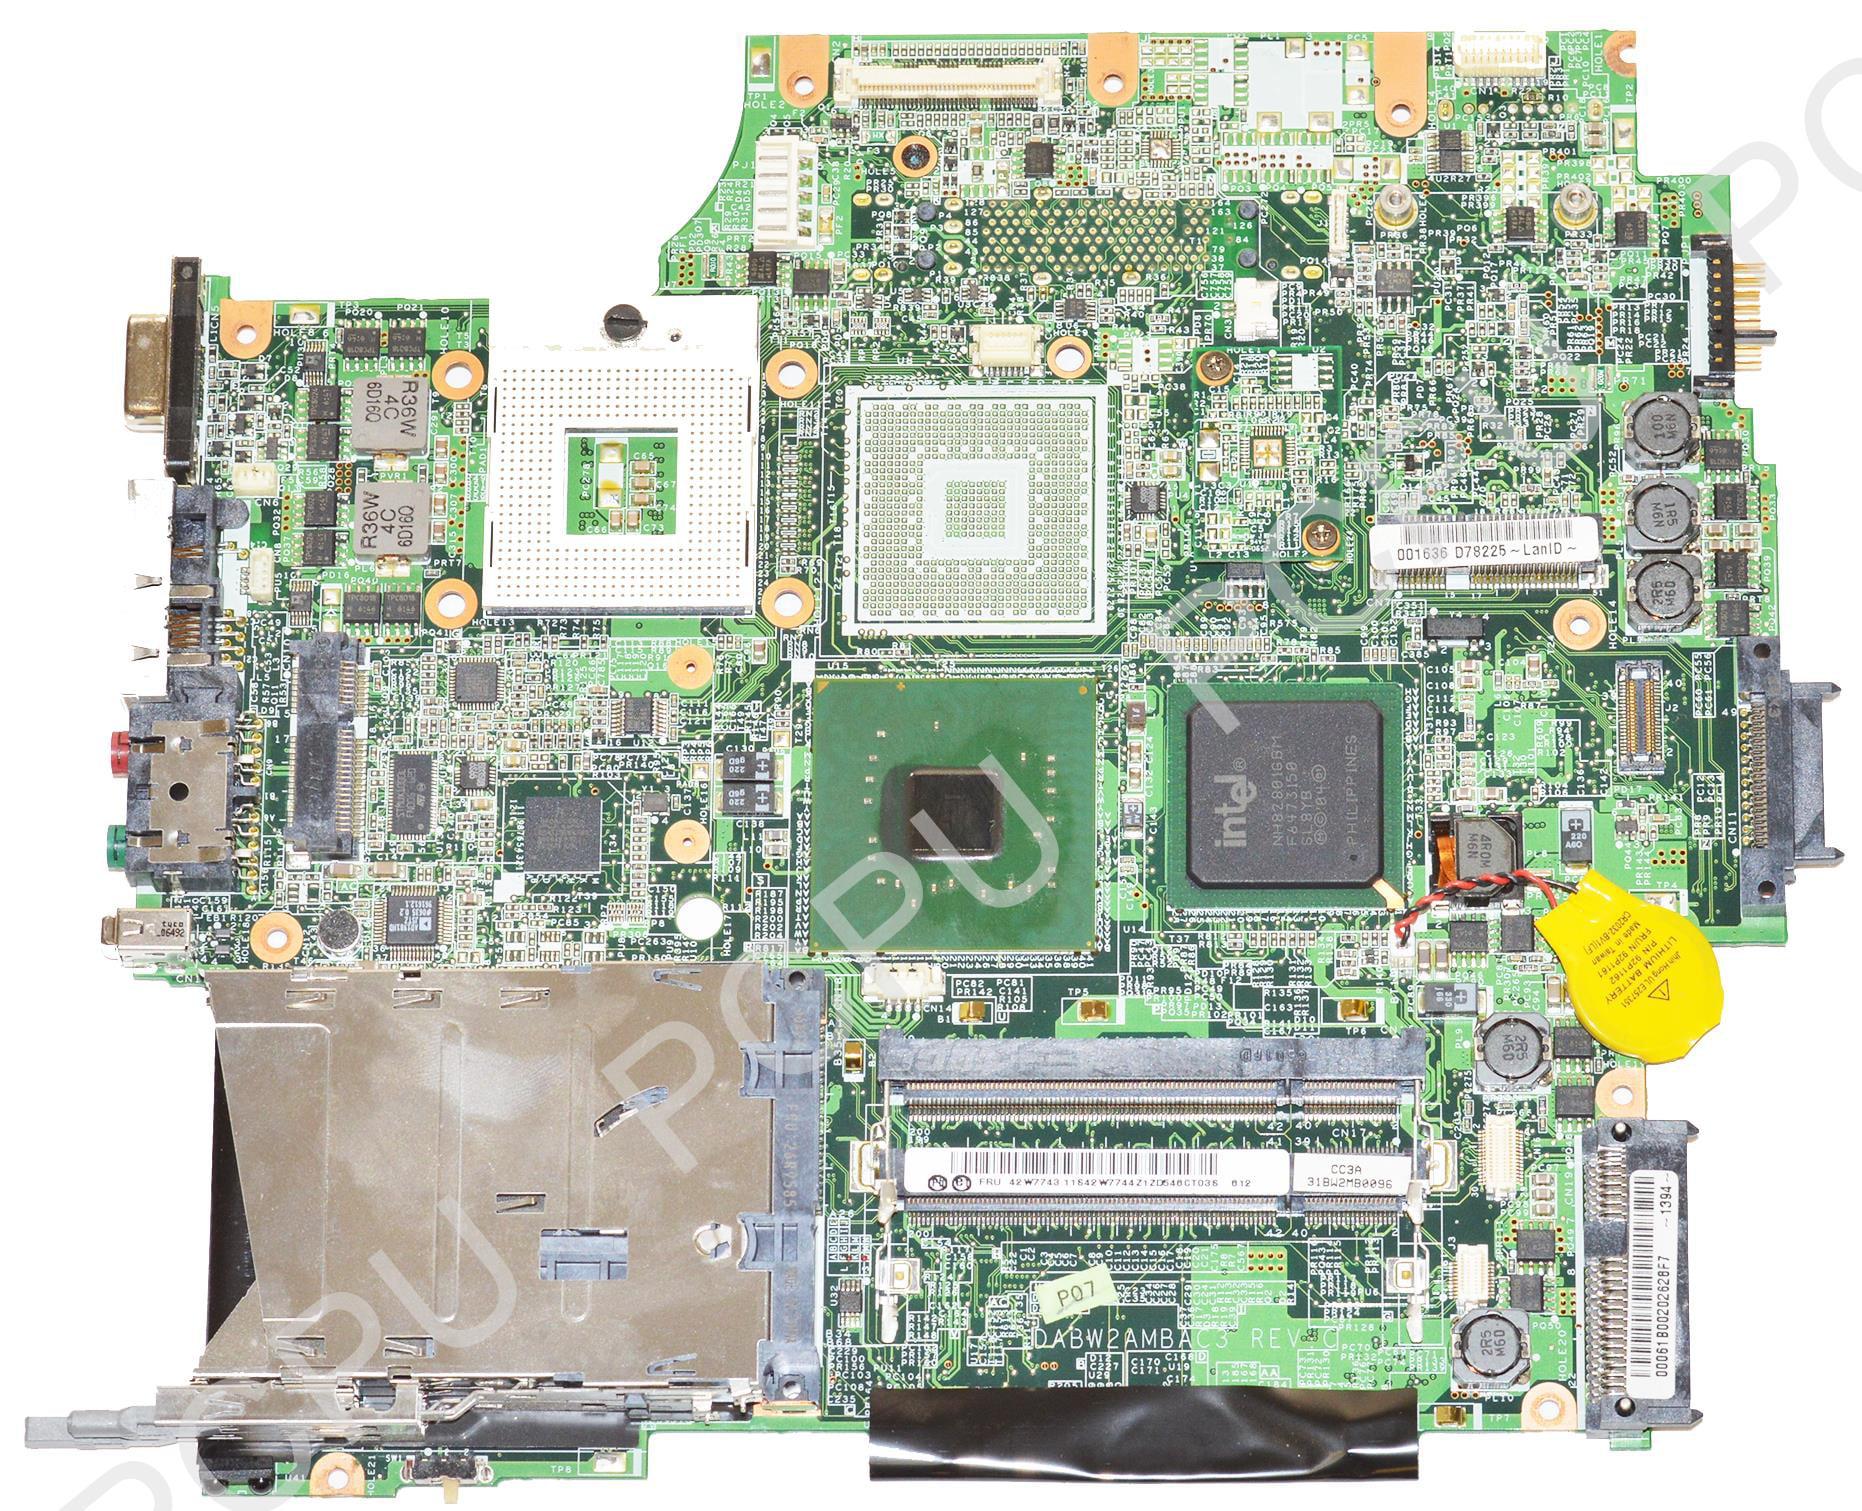 42W7743 Ibm Thinkpad Z 61 Z61 System Board